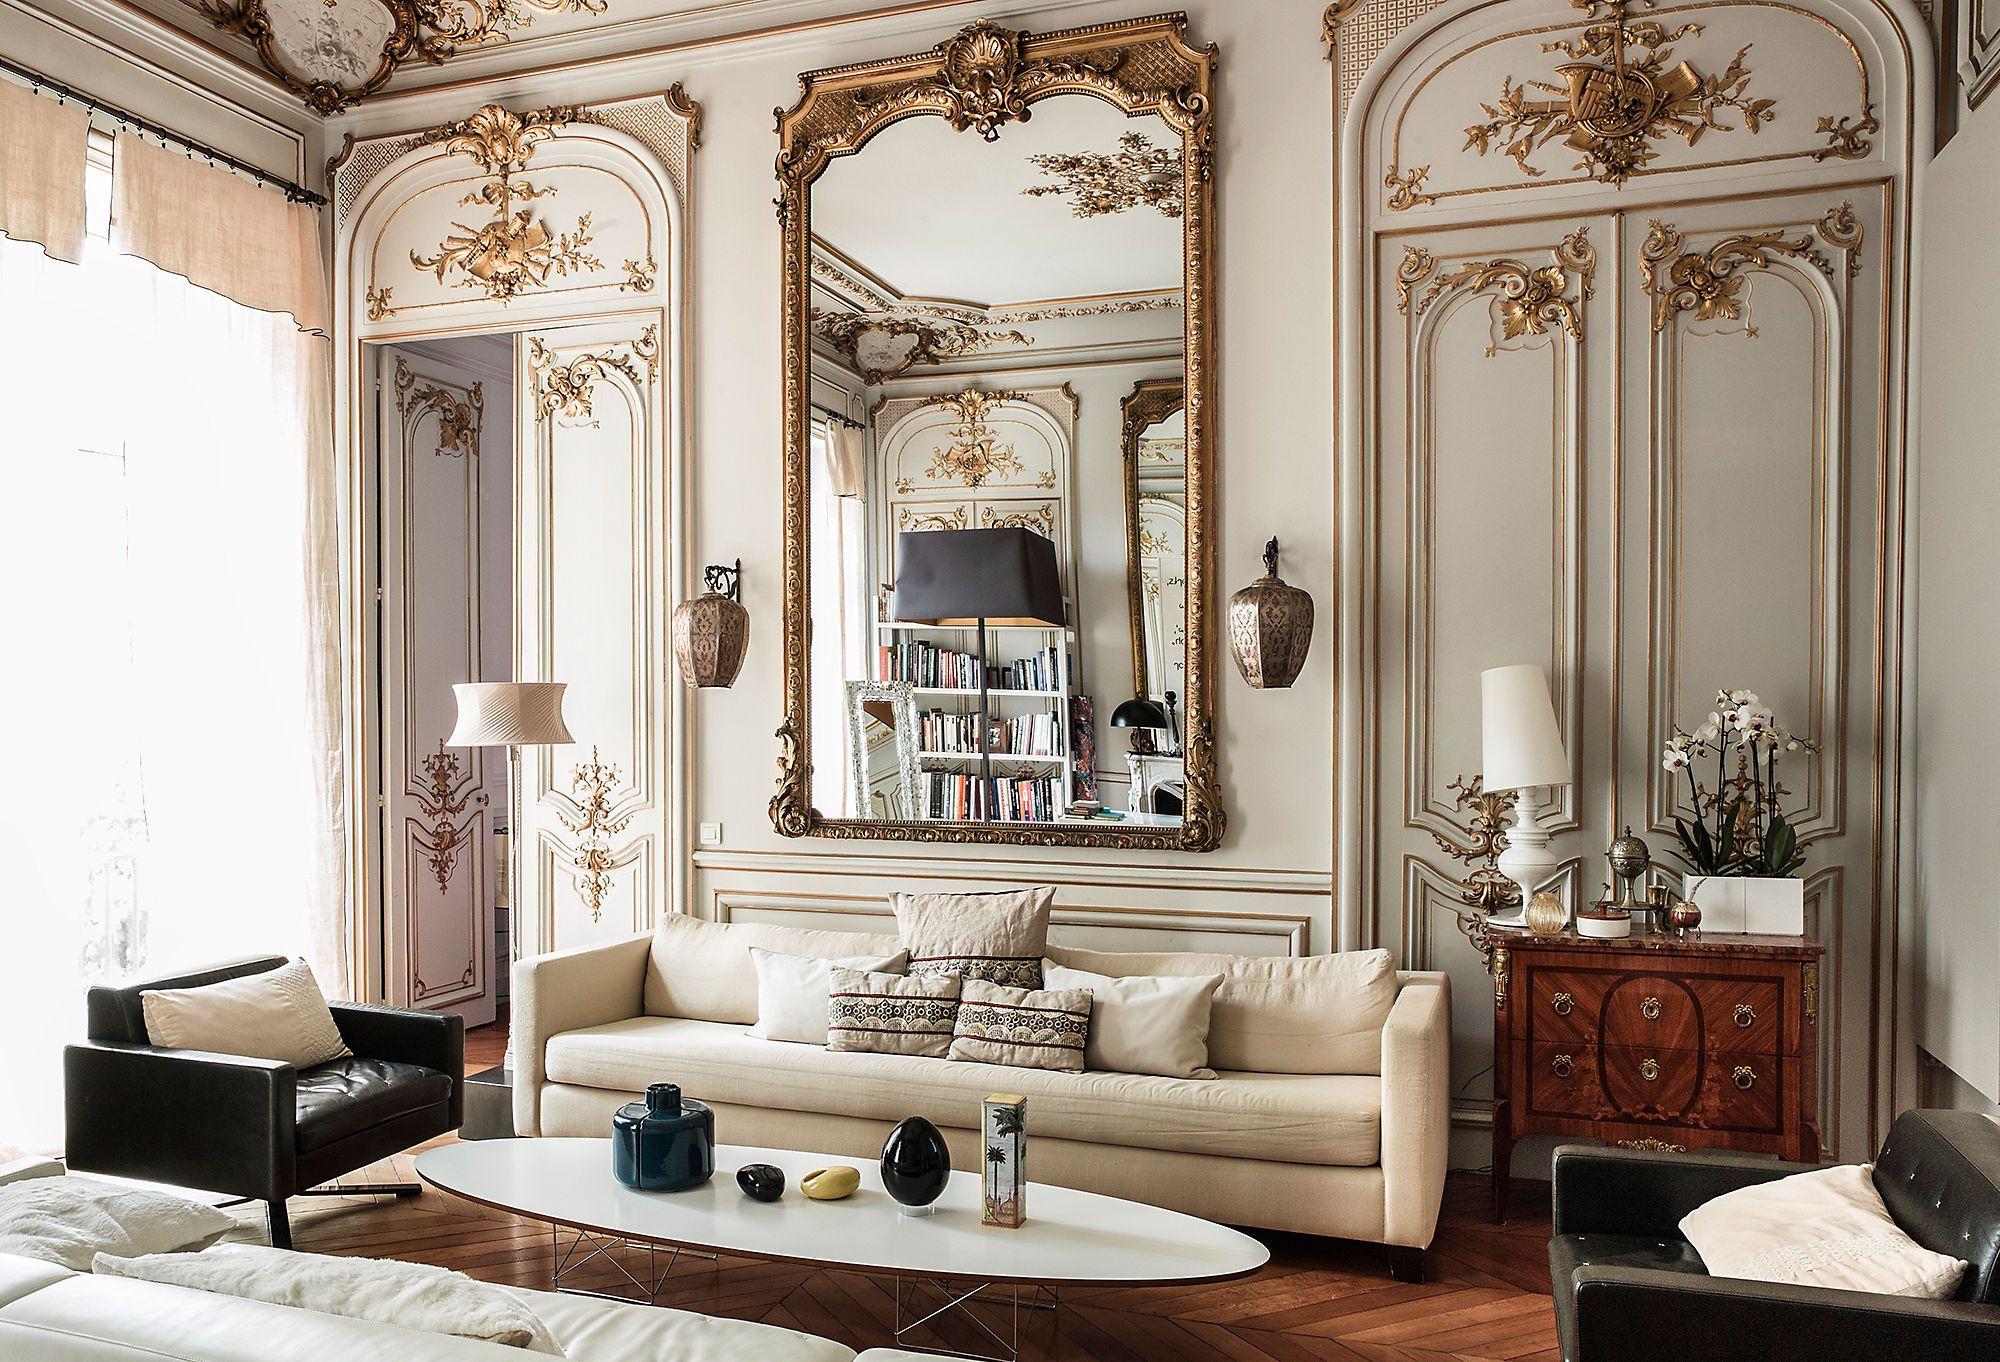 paris, we love you!: romantic & modern parisian style | home decor